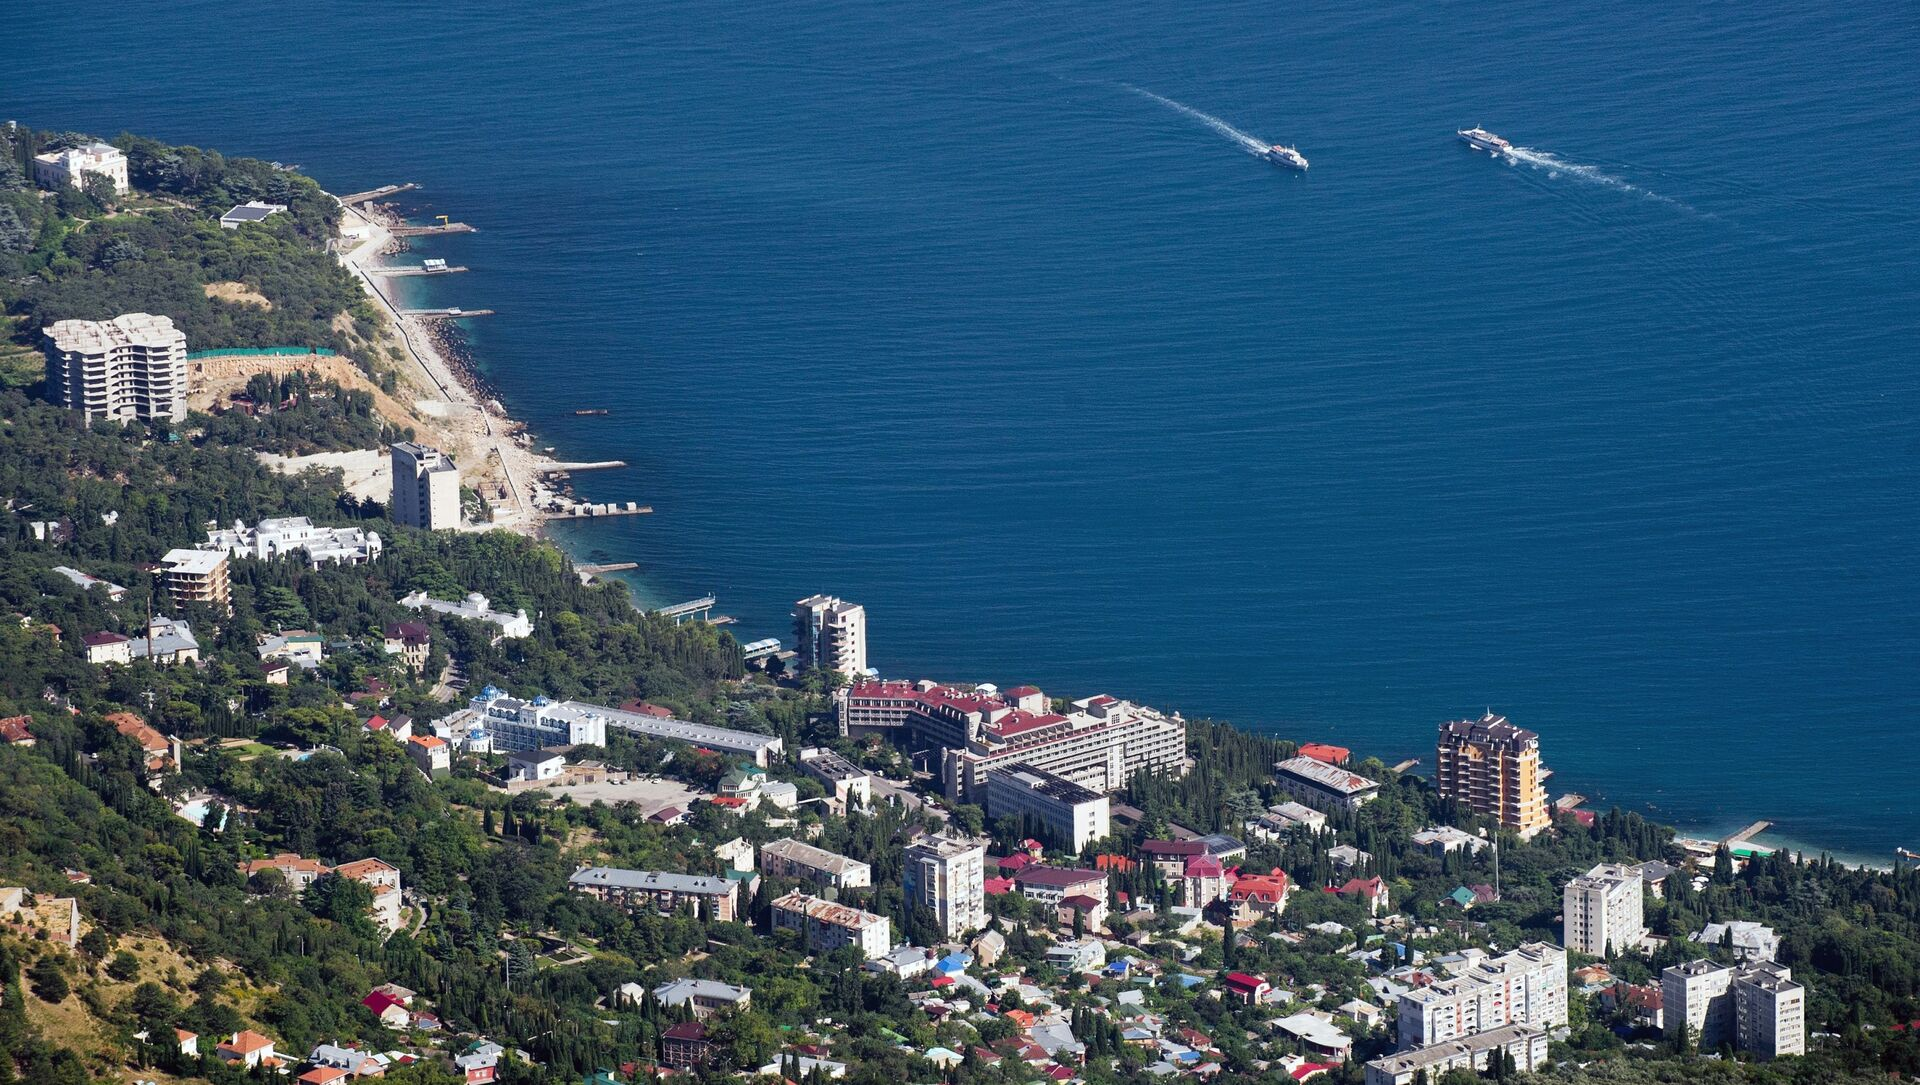 Widok na wybrzeże Morza Czarnego ze szczytu góry Ai-Petri na Krymie - Sputnik Polska, 1920, 01.03.2021